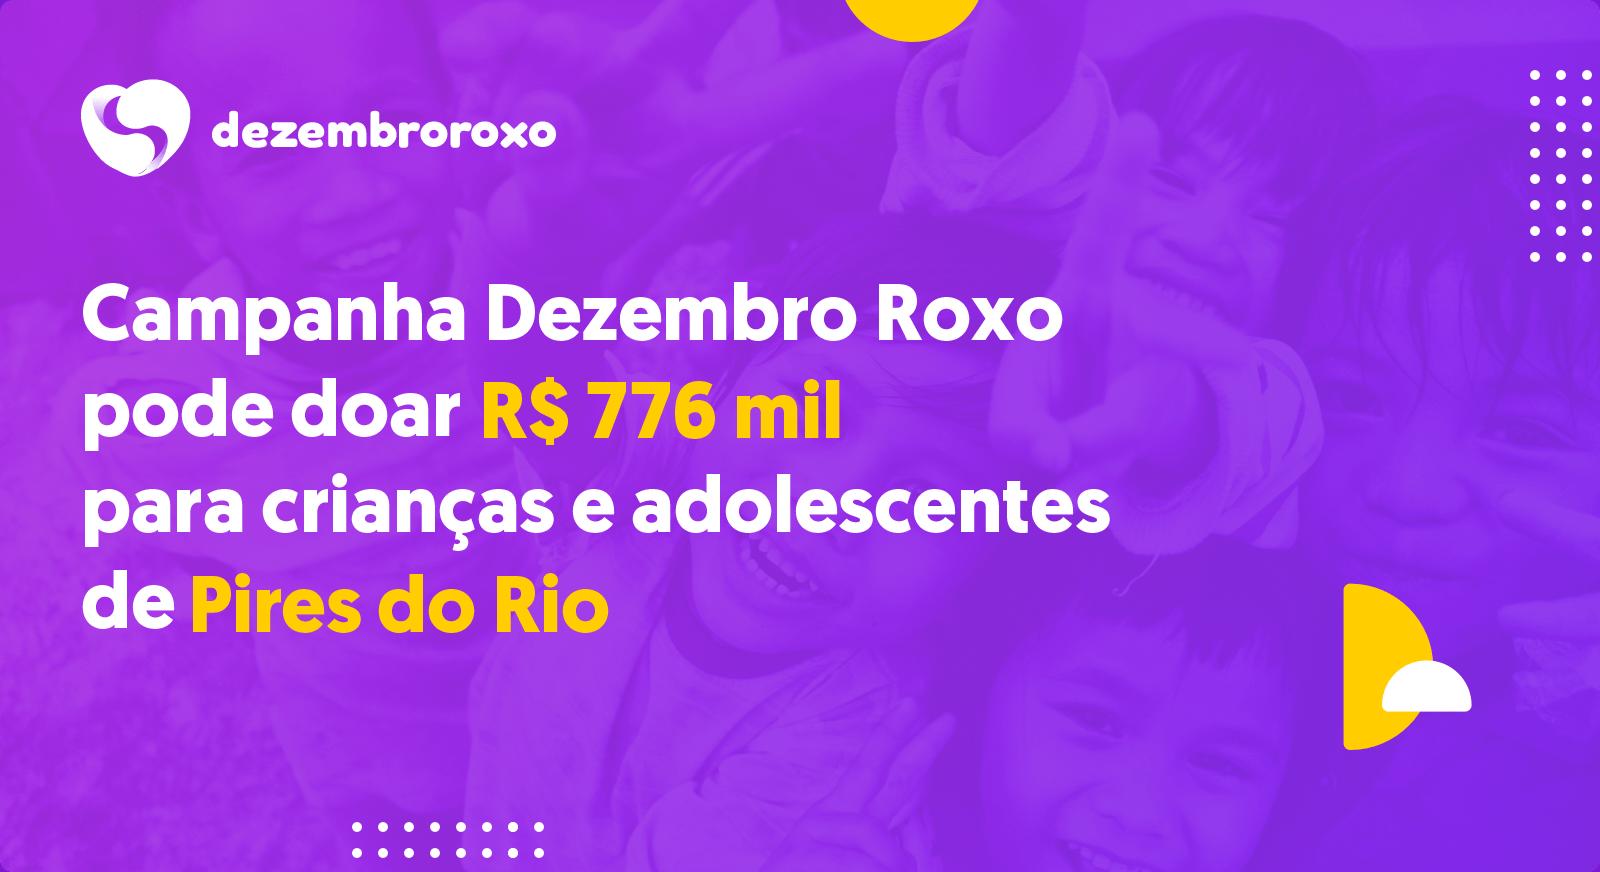 Doações em Pires do Rio - GO